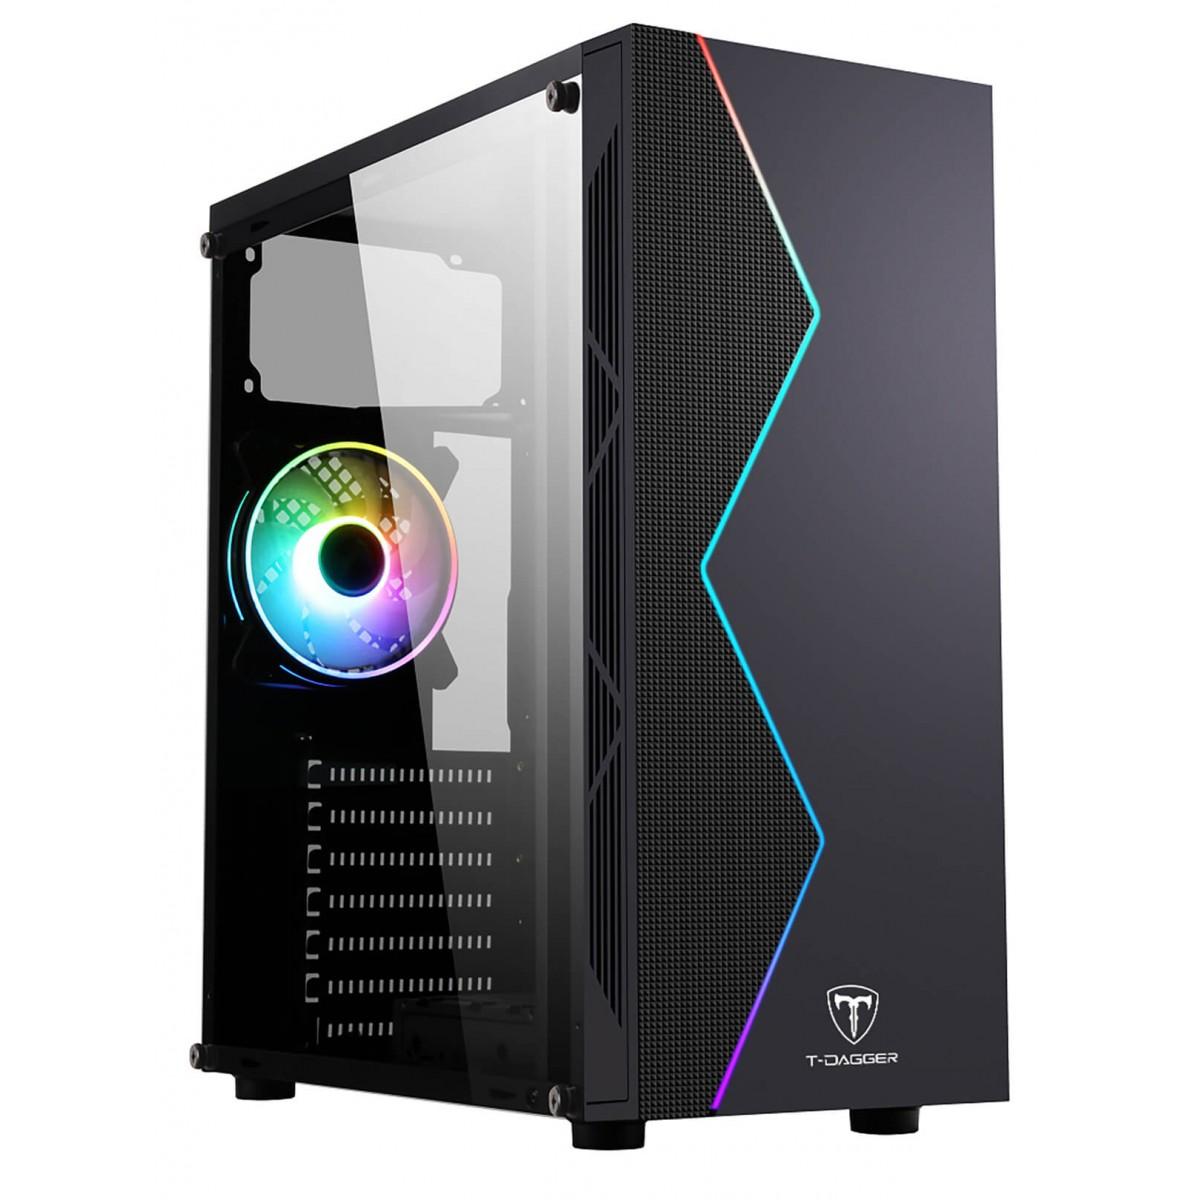 Computador Gamer, Ryzen 5 3500 3.6Ghz , Placa de VIdeo GTX-1650 4GB DDR6, DDR4 8GB, SSD 240GB